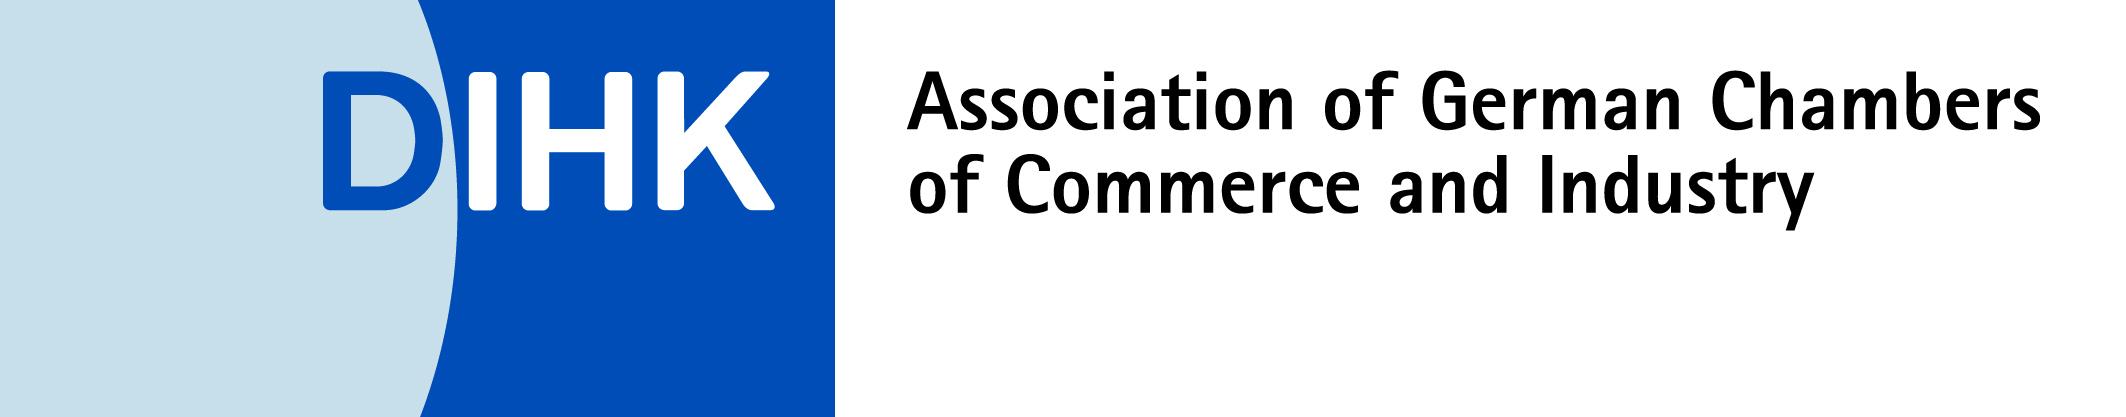 DIHK-Logo-eng-rechts-4c.jpg